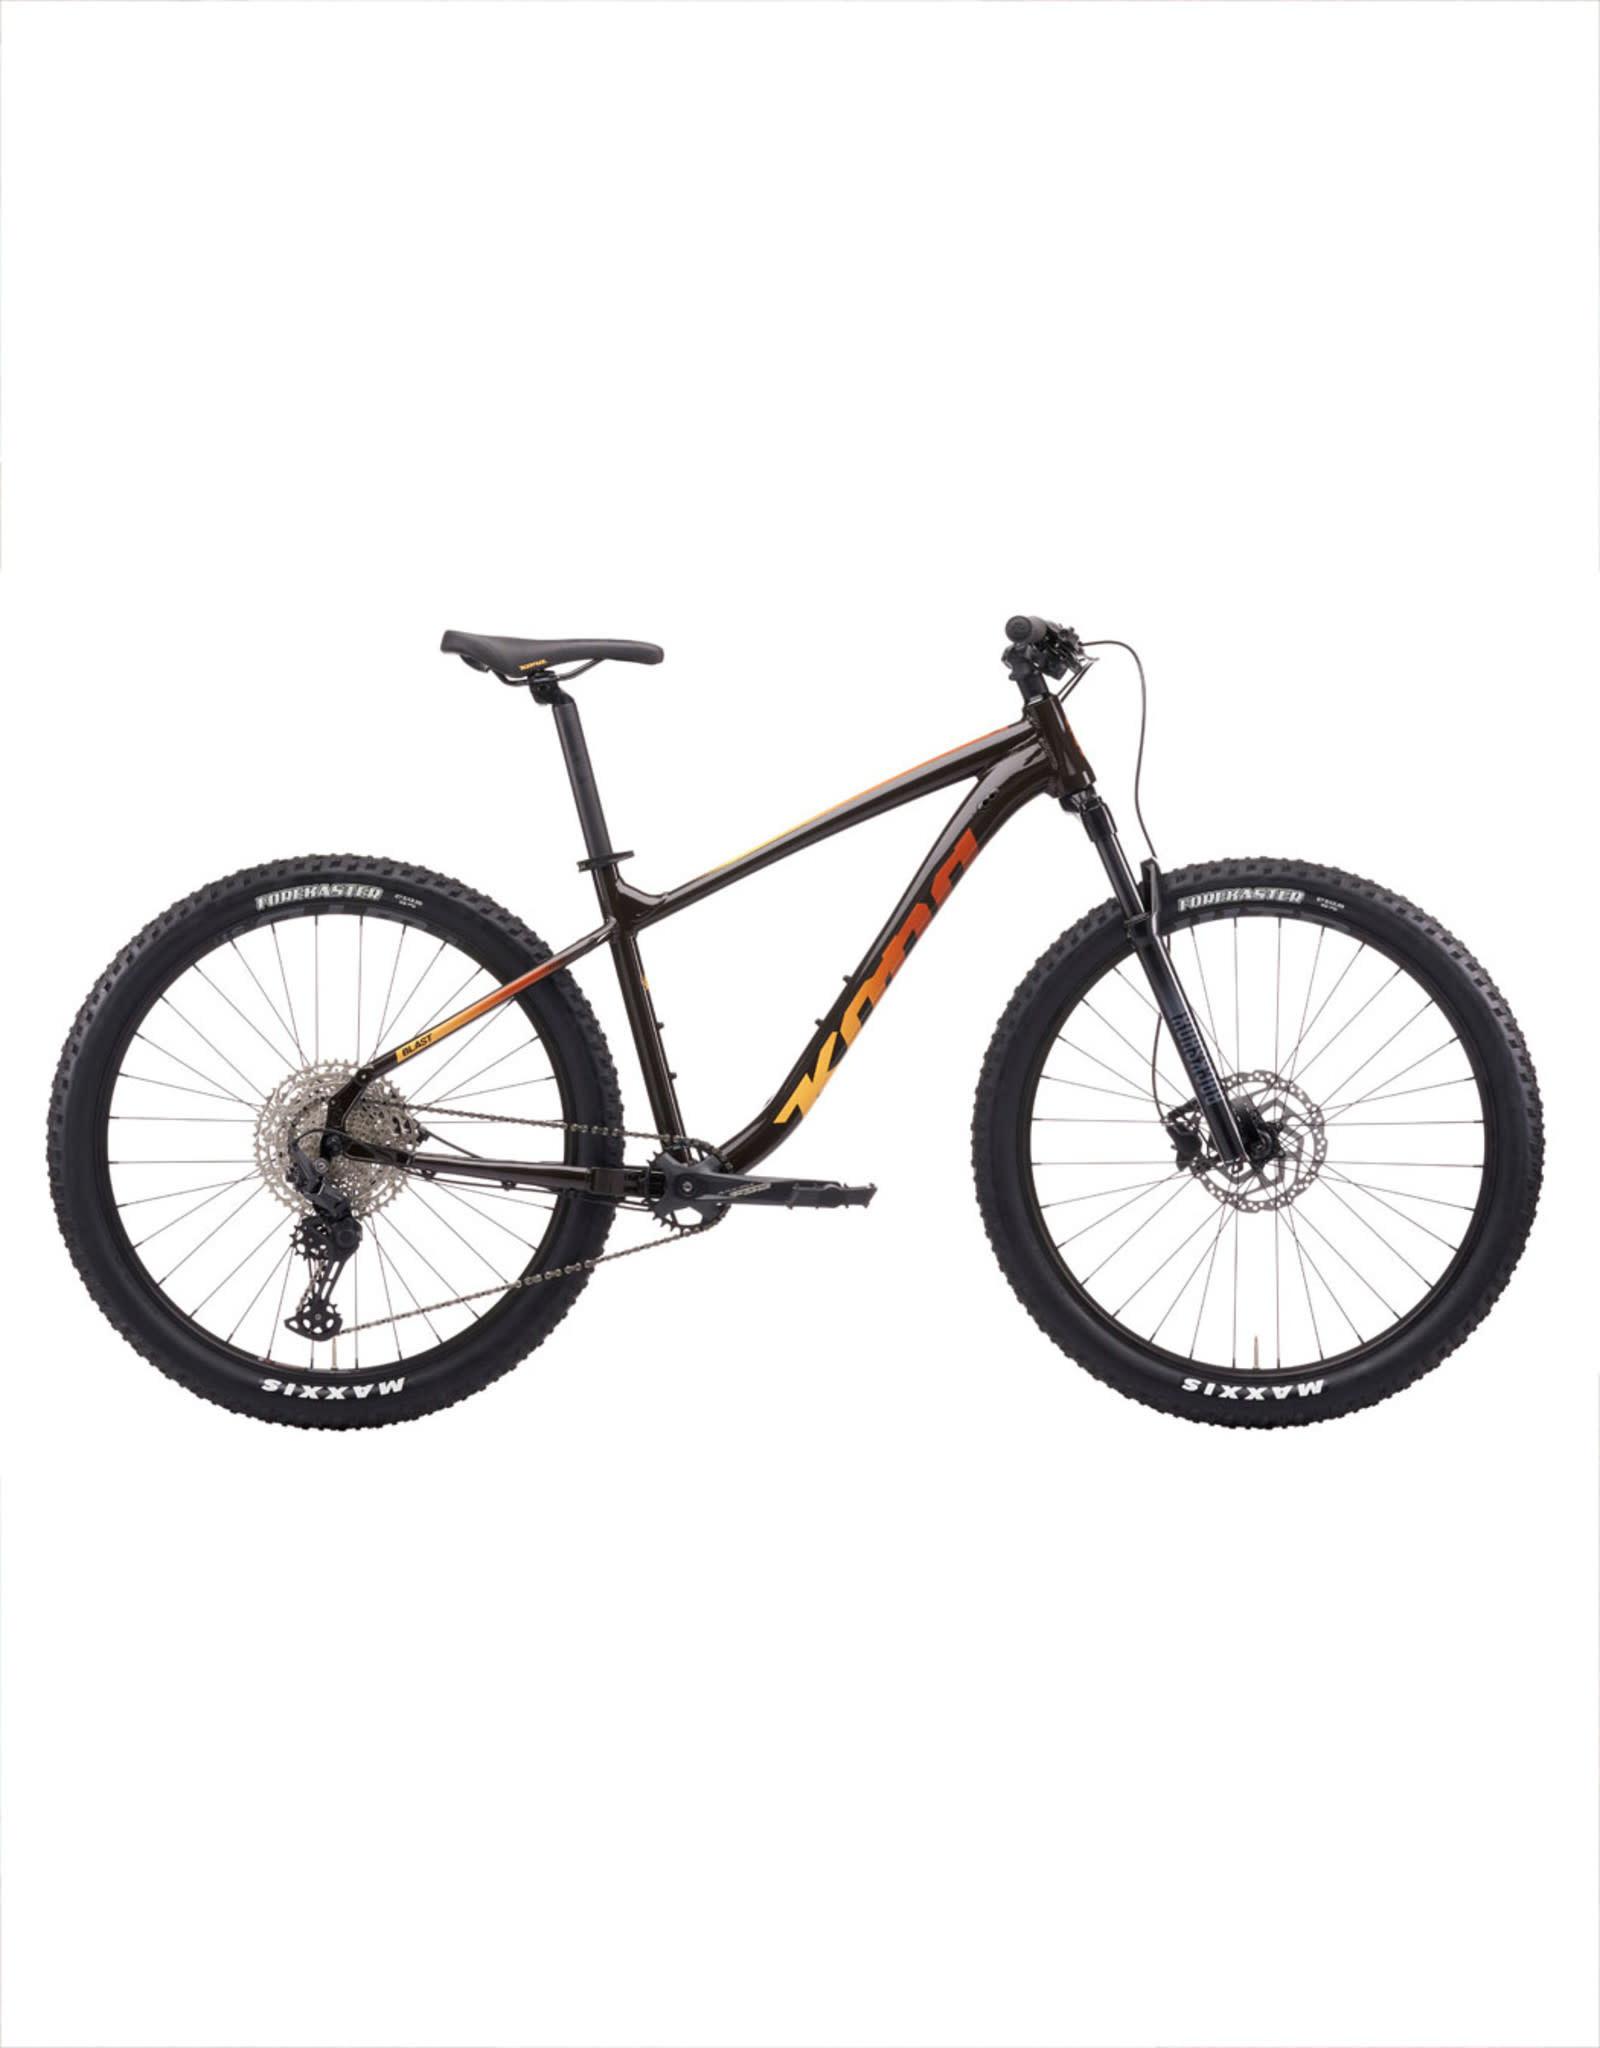 KONA Kona Blast Complete Bike